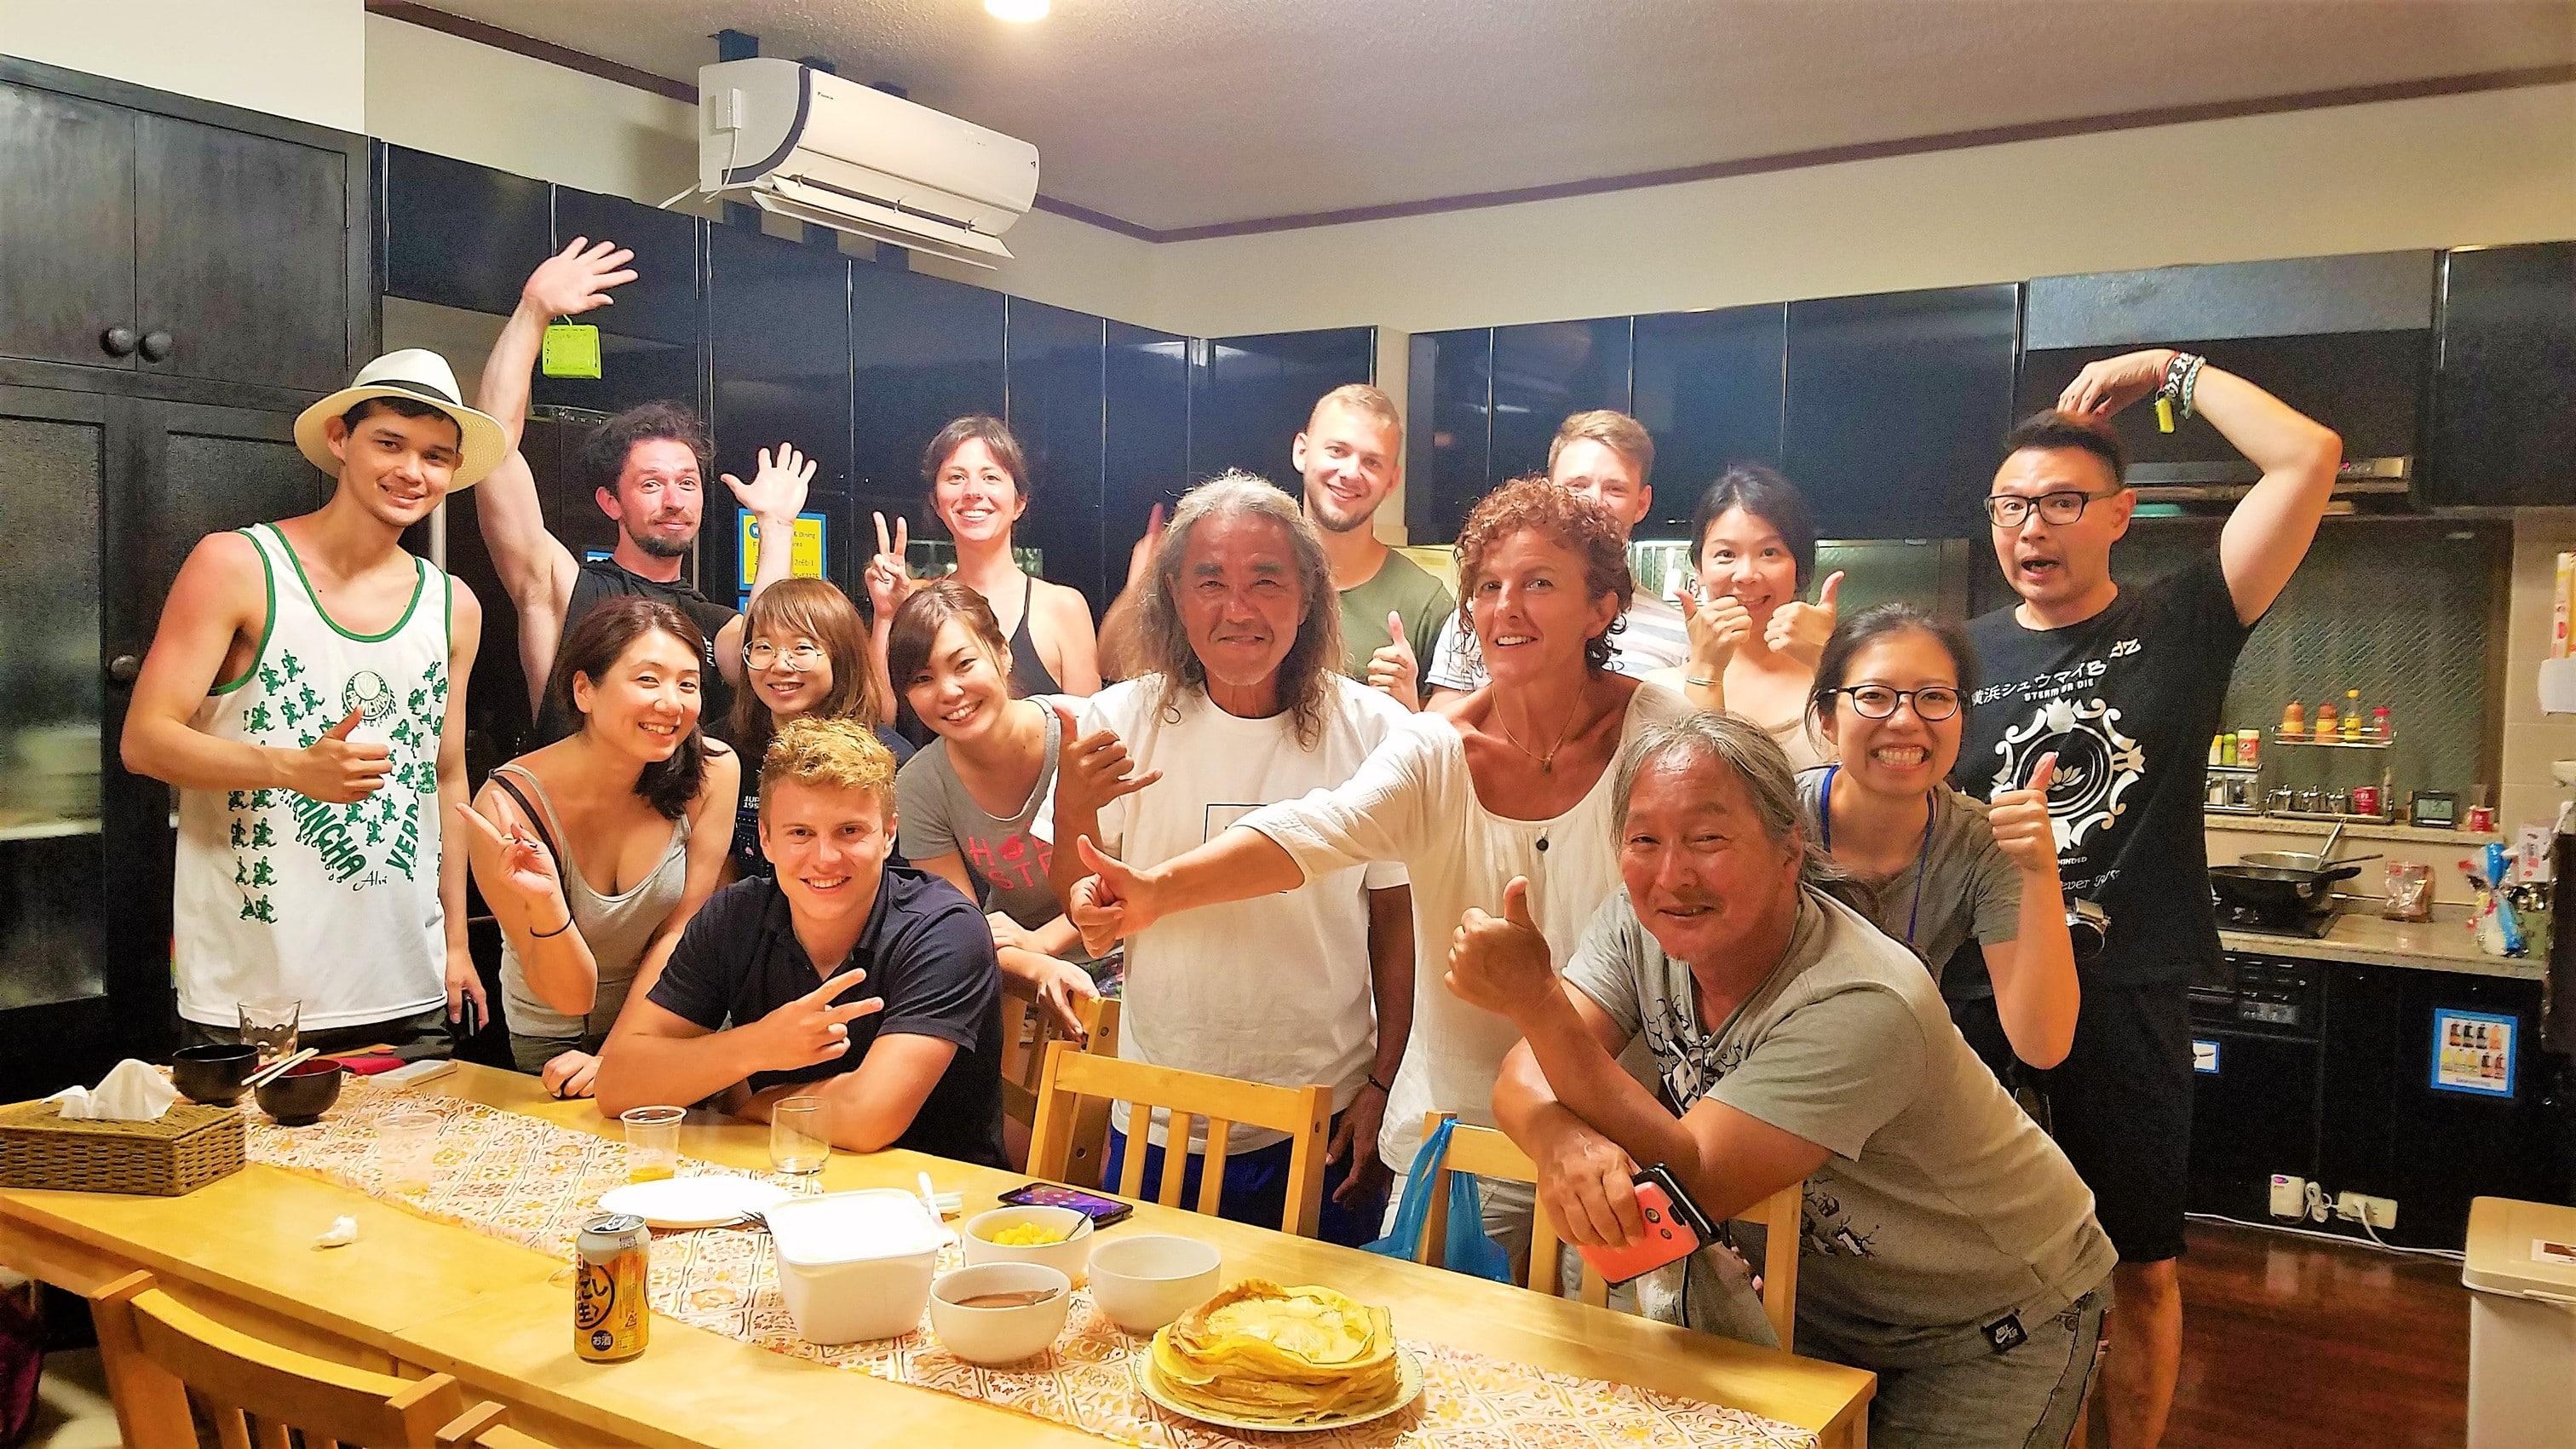 |沖縄|ゲストハウス|沖縄北部 清掃 ヘルパー マリン体験無料